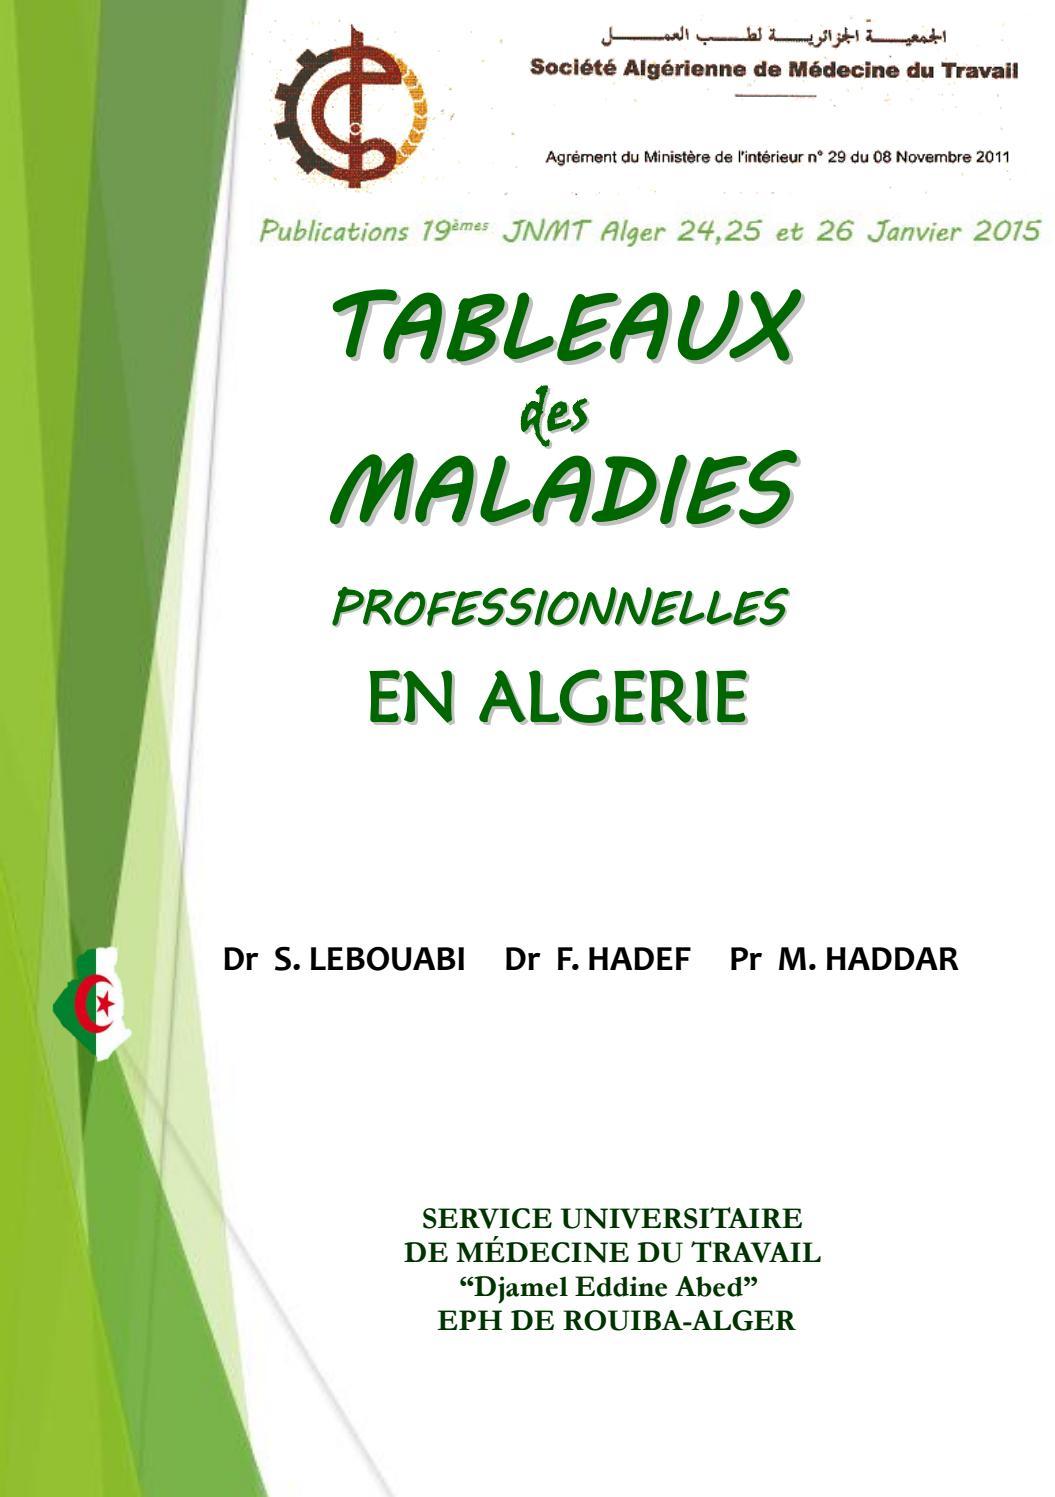 Les Maladies Professionnelles En Algerie By Samt Algerie Issuu